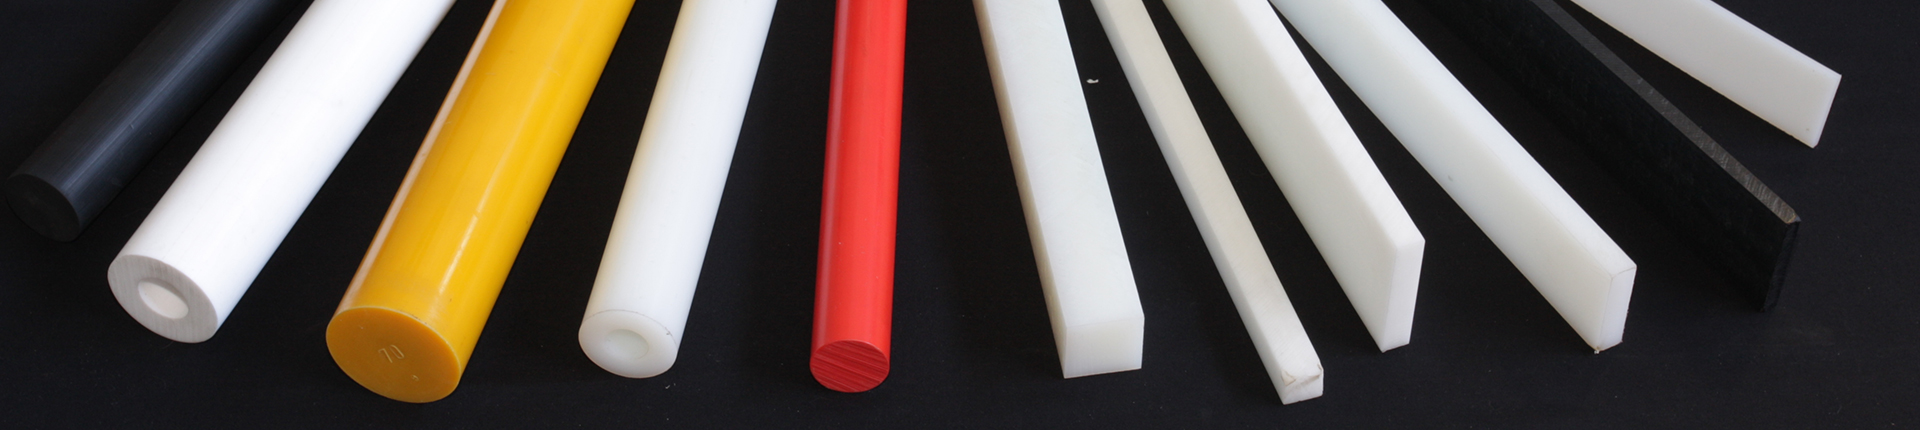 Materie plastiche pvc policarbonato polietilene for Tipi di tubi idraulici in plastica